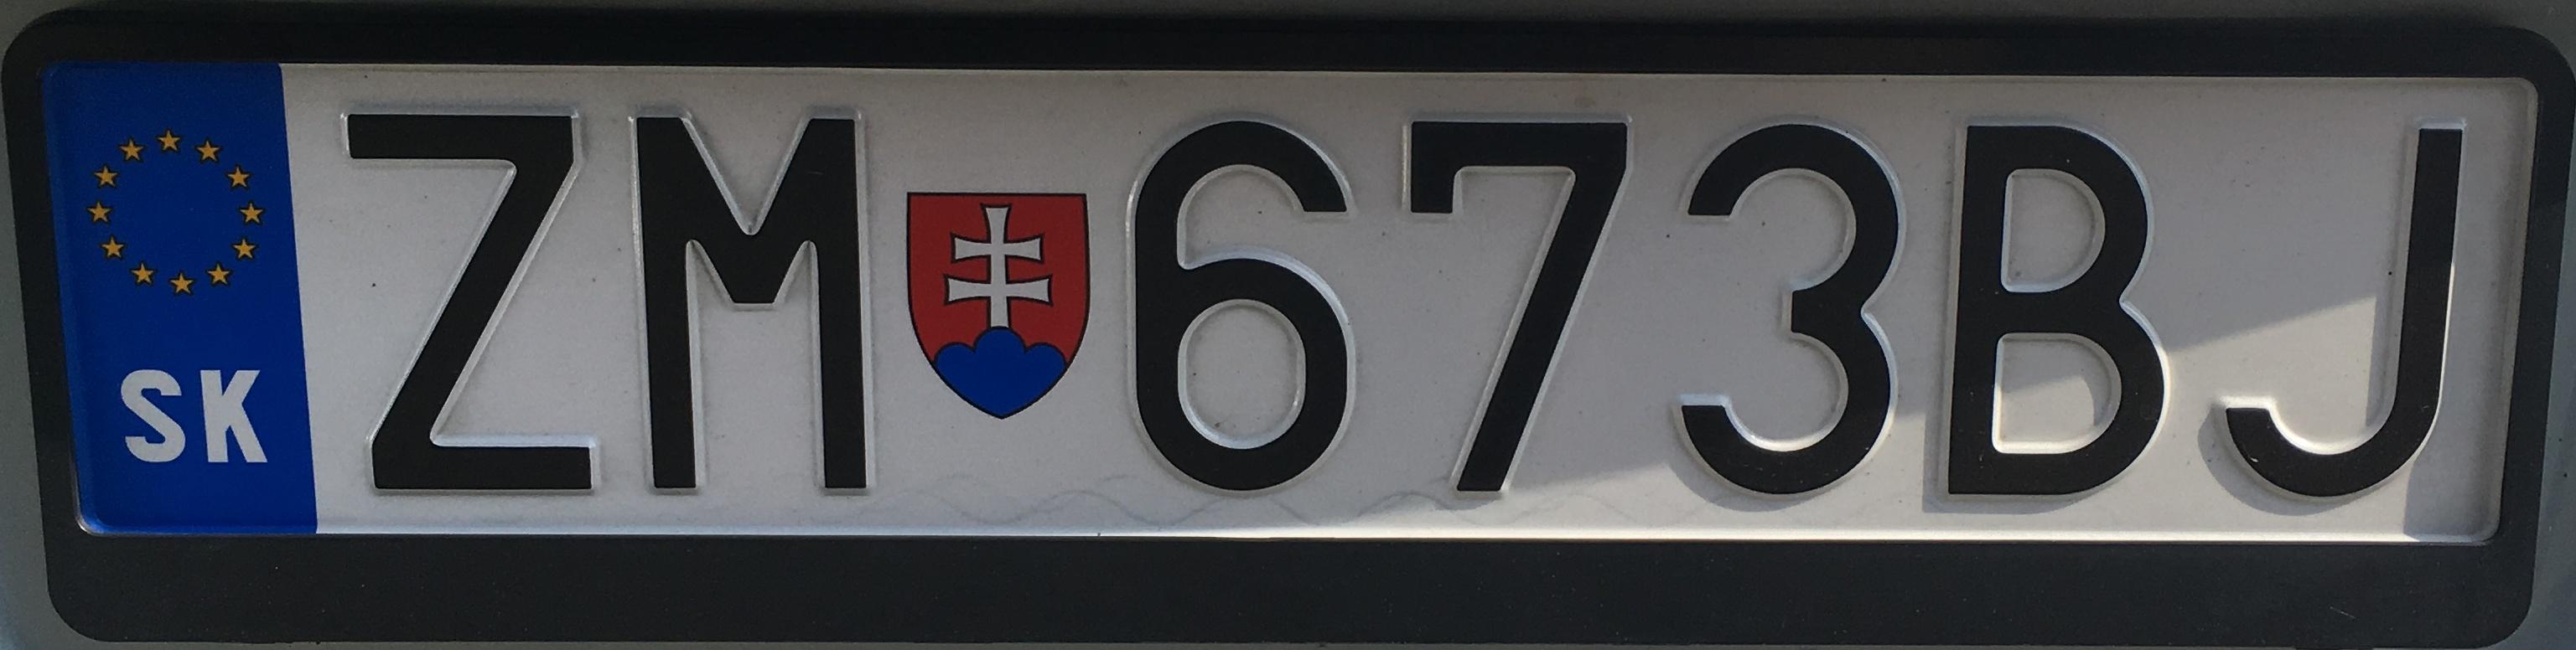 Registrační značka: ZM - Zlaté Moravce, foto: vlastní